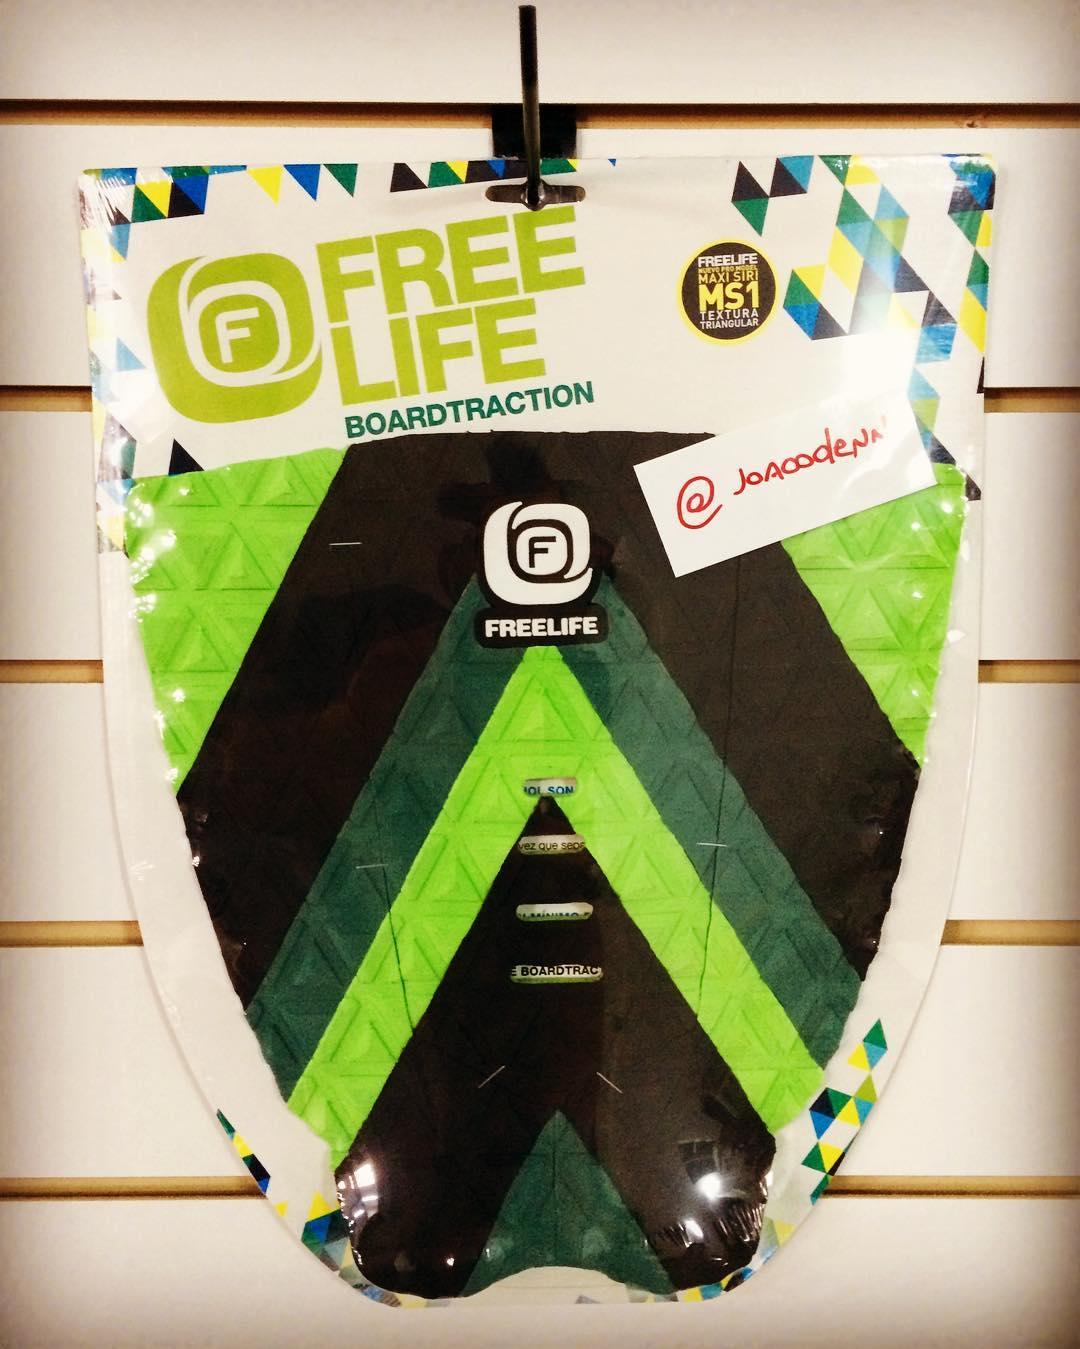 Tenemos un ganador // @joacodenn // es el nuevo dueño del Grip MS @maxisirisurf  Buenas olas!!! En breve nuevos sorteos con mas Riders de FREELIFE #surfsupply